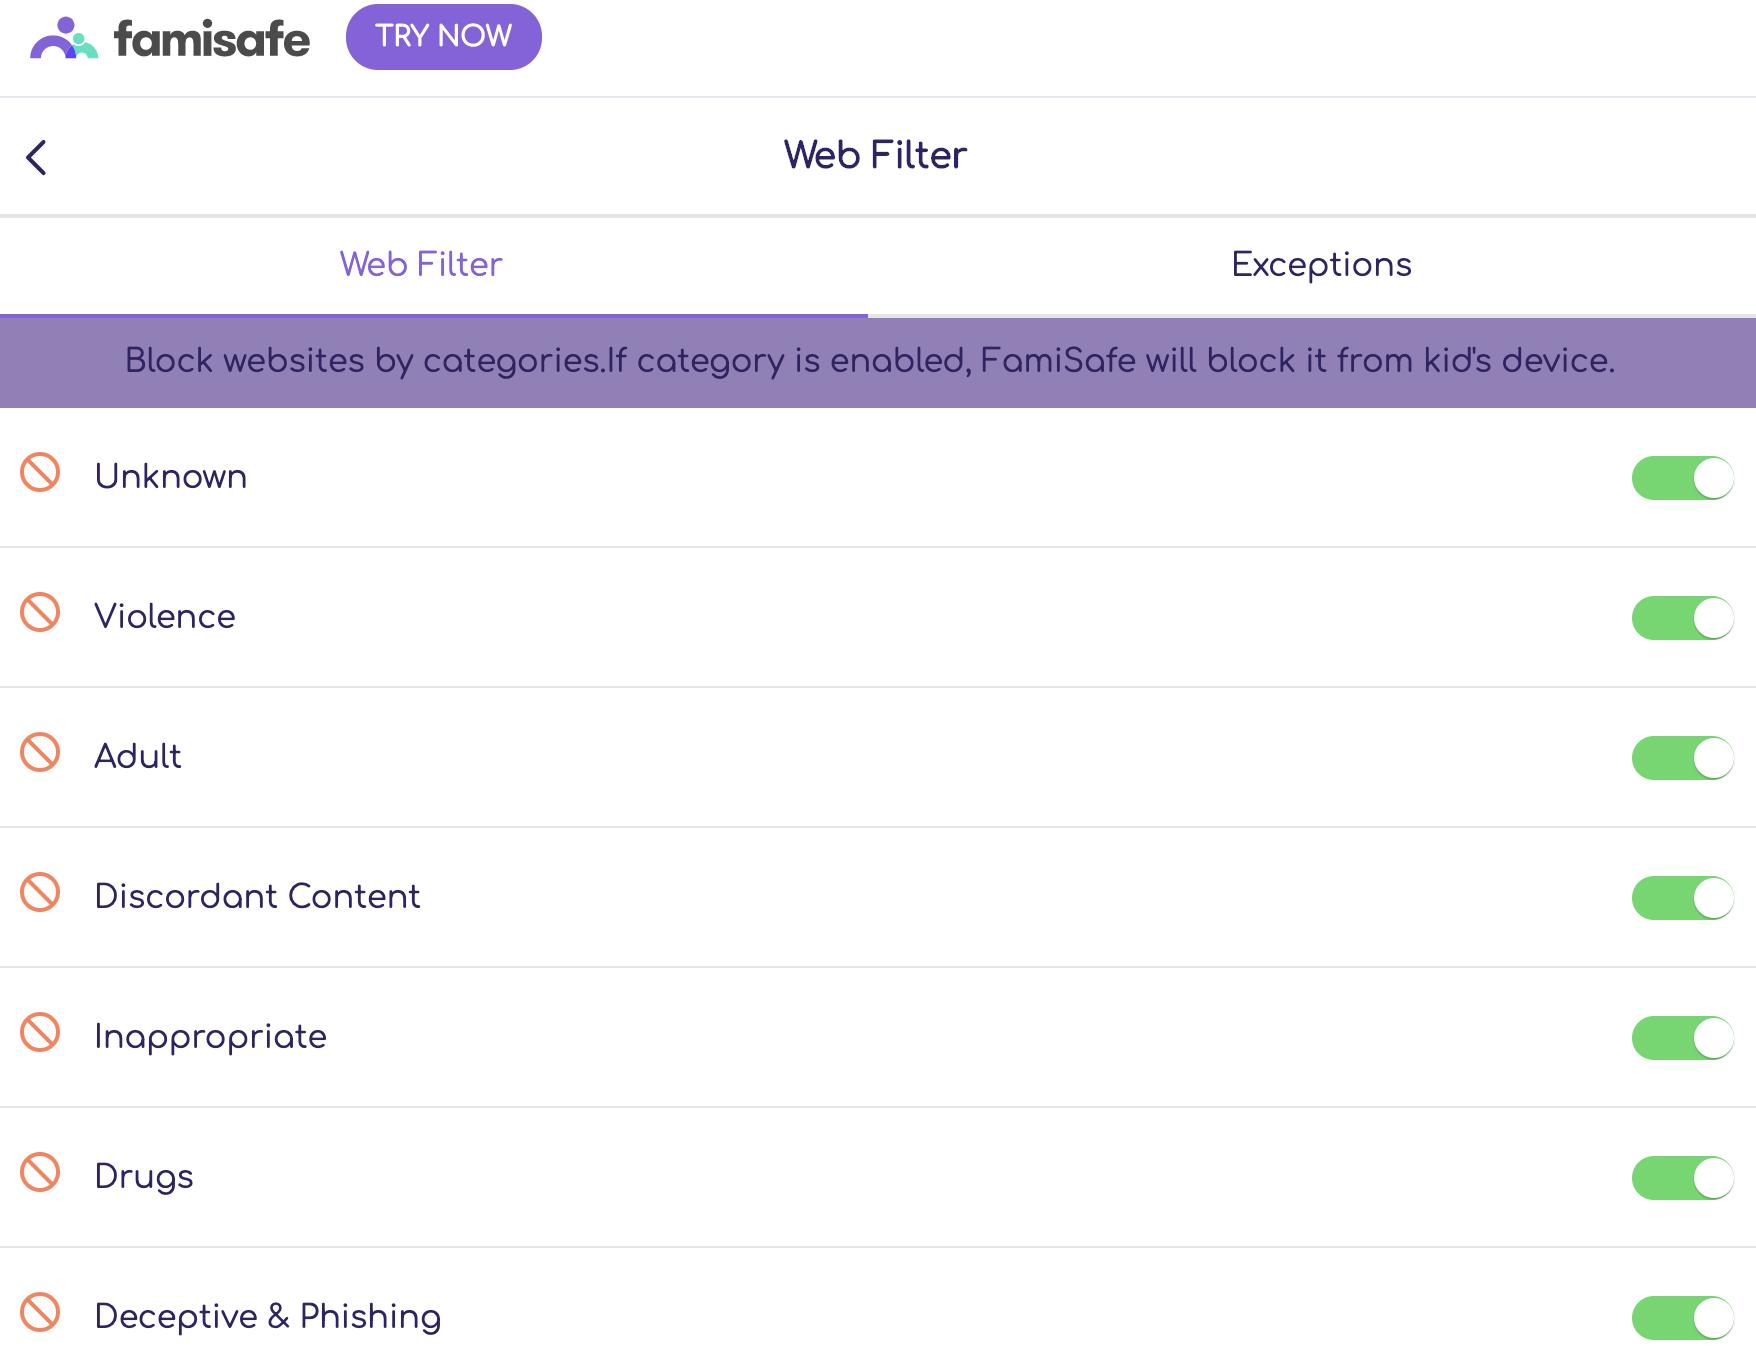 famisafe web filter blocked categories